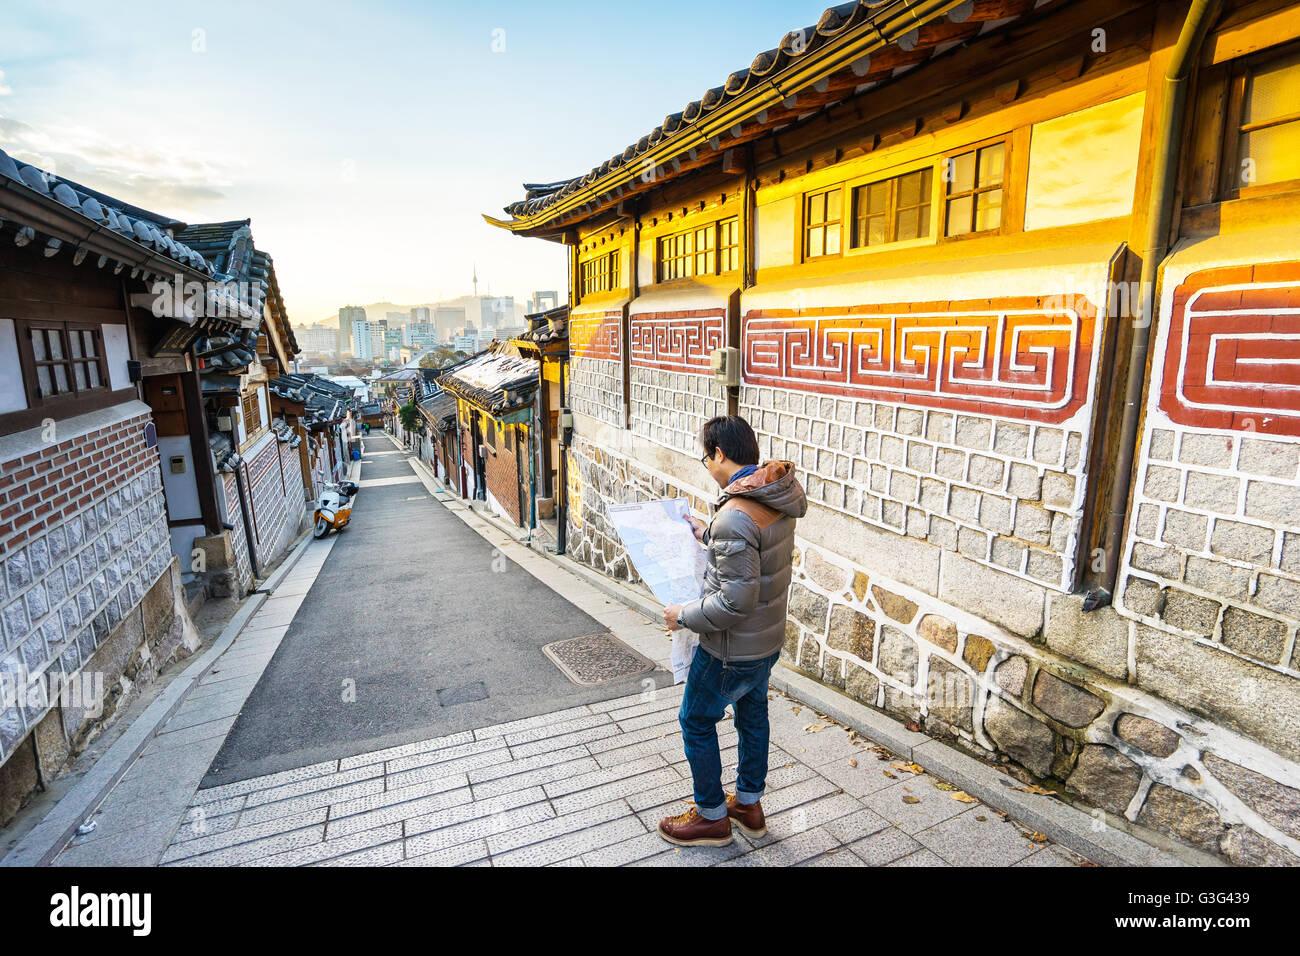 El viajero en el pueblo de Bukchon Hanok en Seúl, Corea del Sur. Imagen De Stock